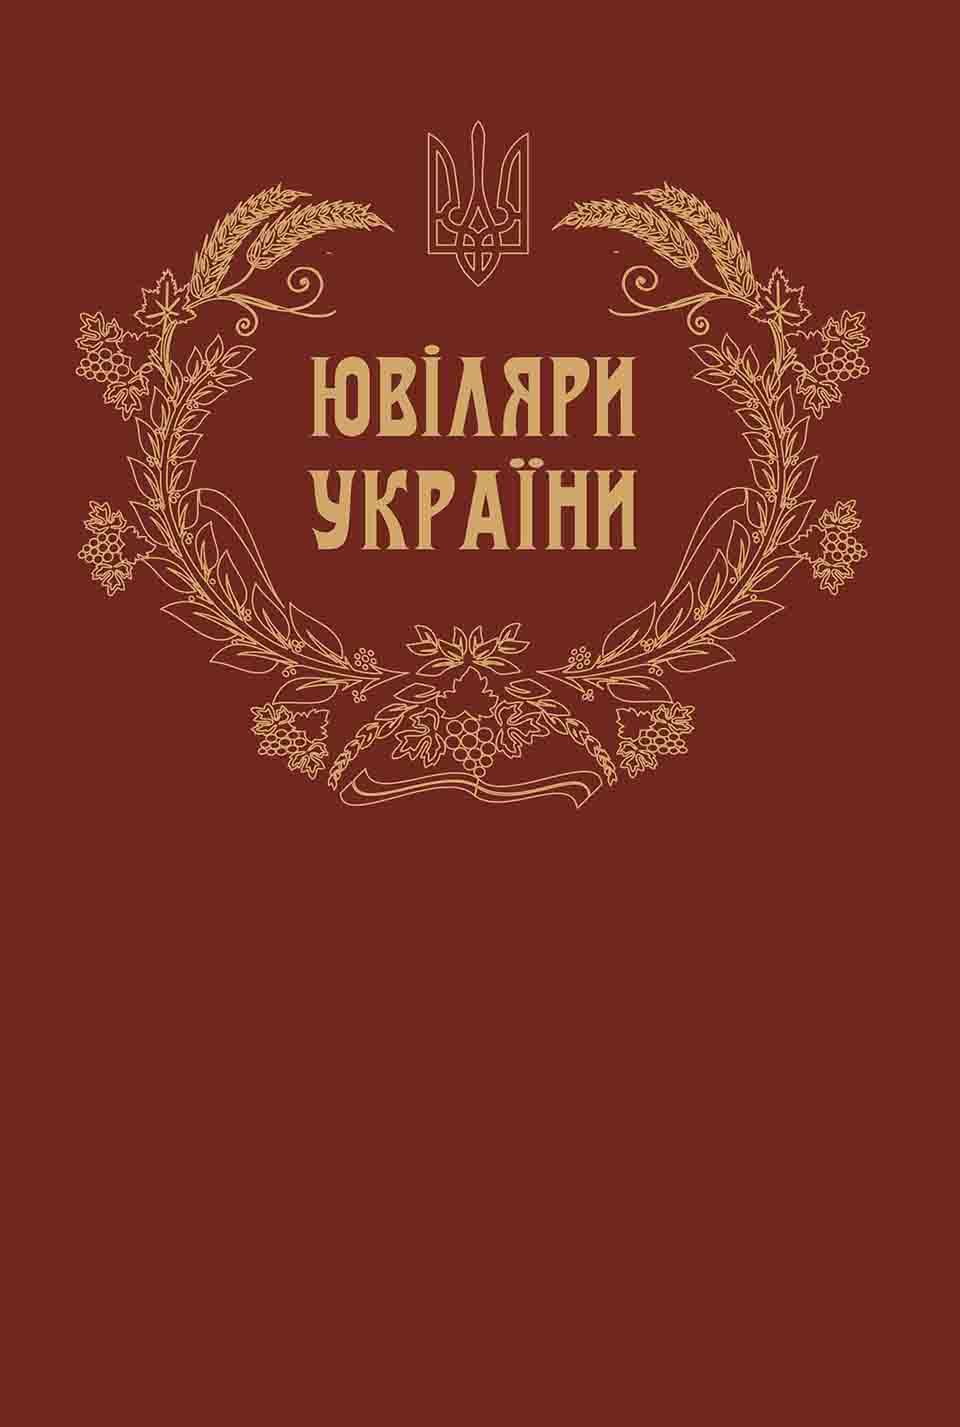 Ювіляри України